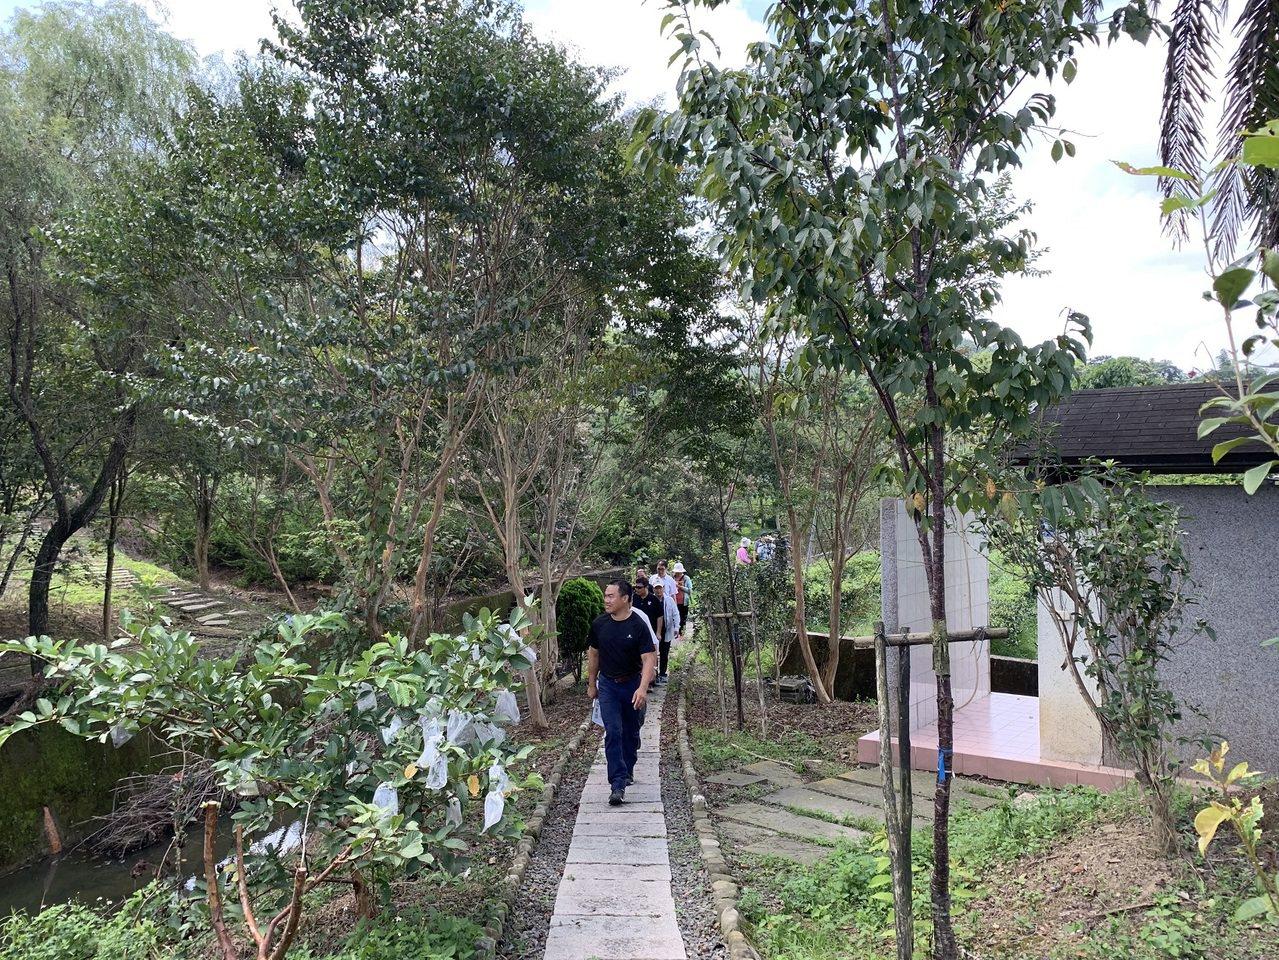 魚池鄉大雁村推動森林步道和蕨類植物生態有成,獲得低碳永續家園銀級認證。圖/南投縣...